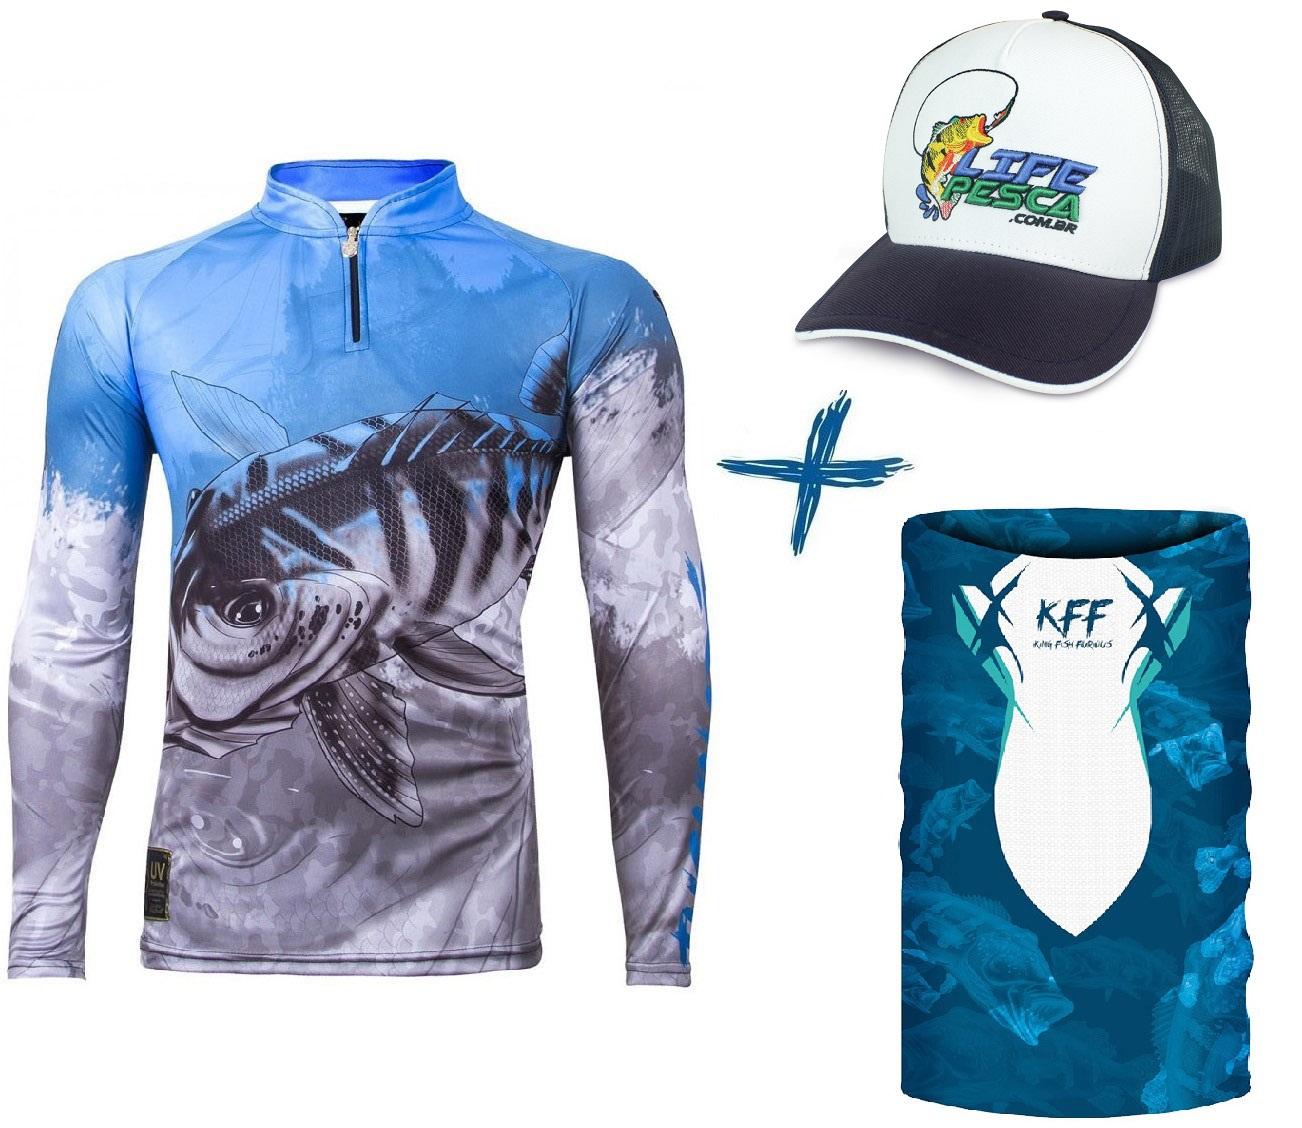 Camiseta De Pesca King Proteção Solar Uv Viking 06 Tucunaré + Boné + Bandana